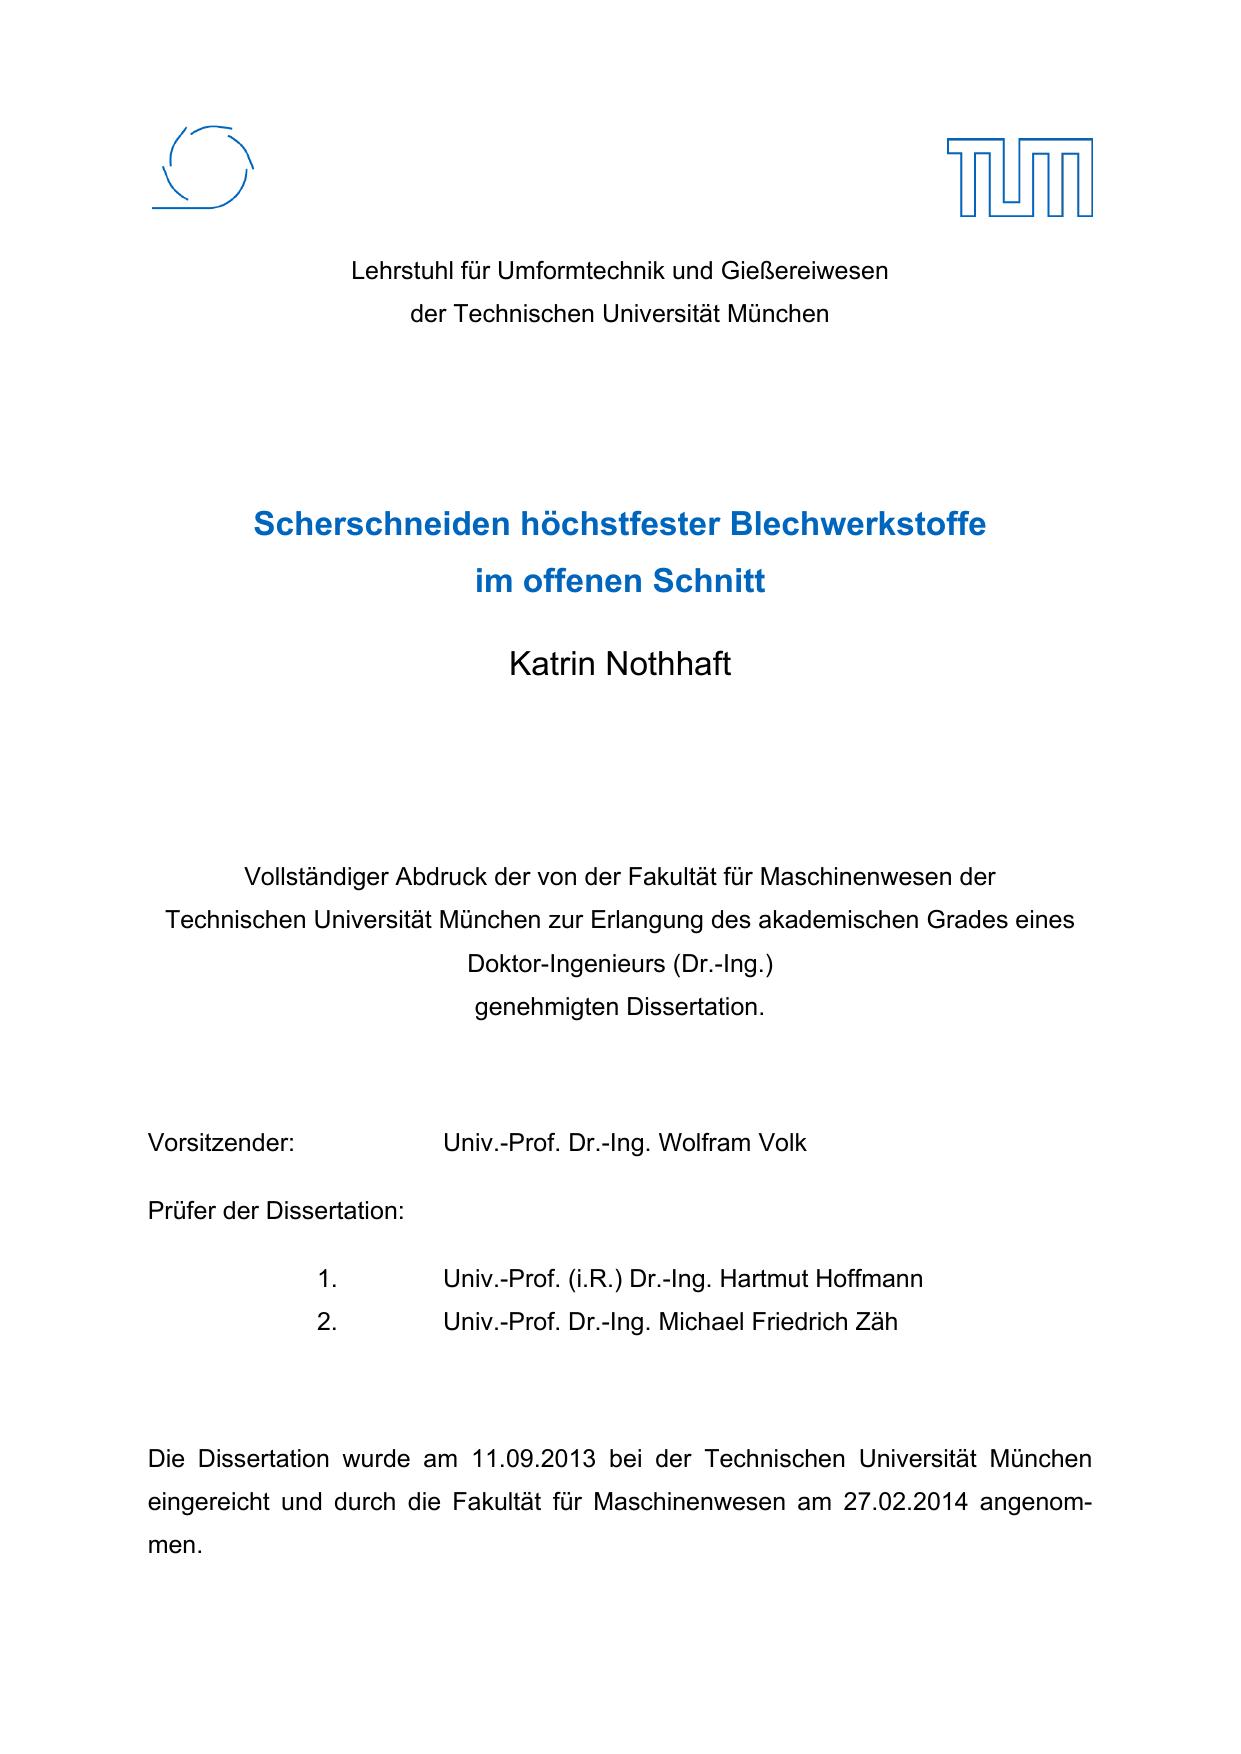 Beste Form Arbeitsblatt Für Kindergarten Galerie - Arbeitsblätter ...